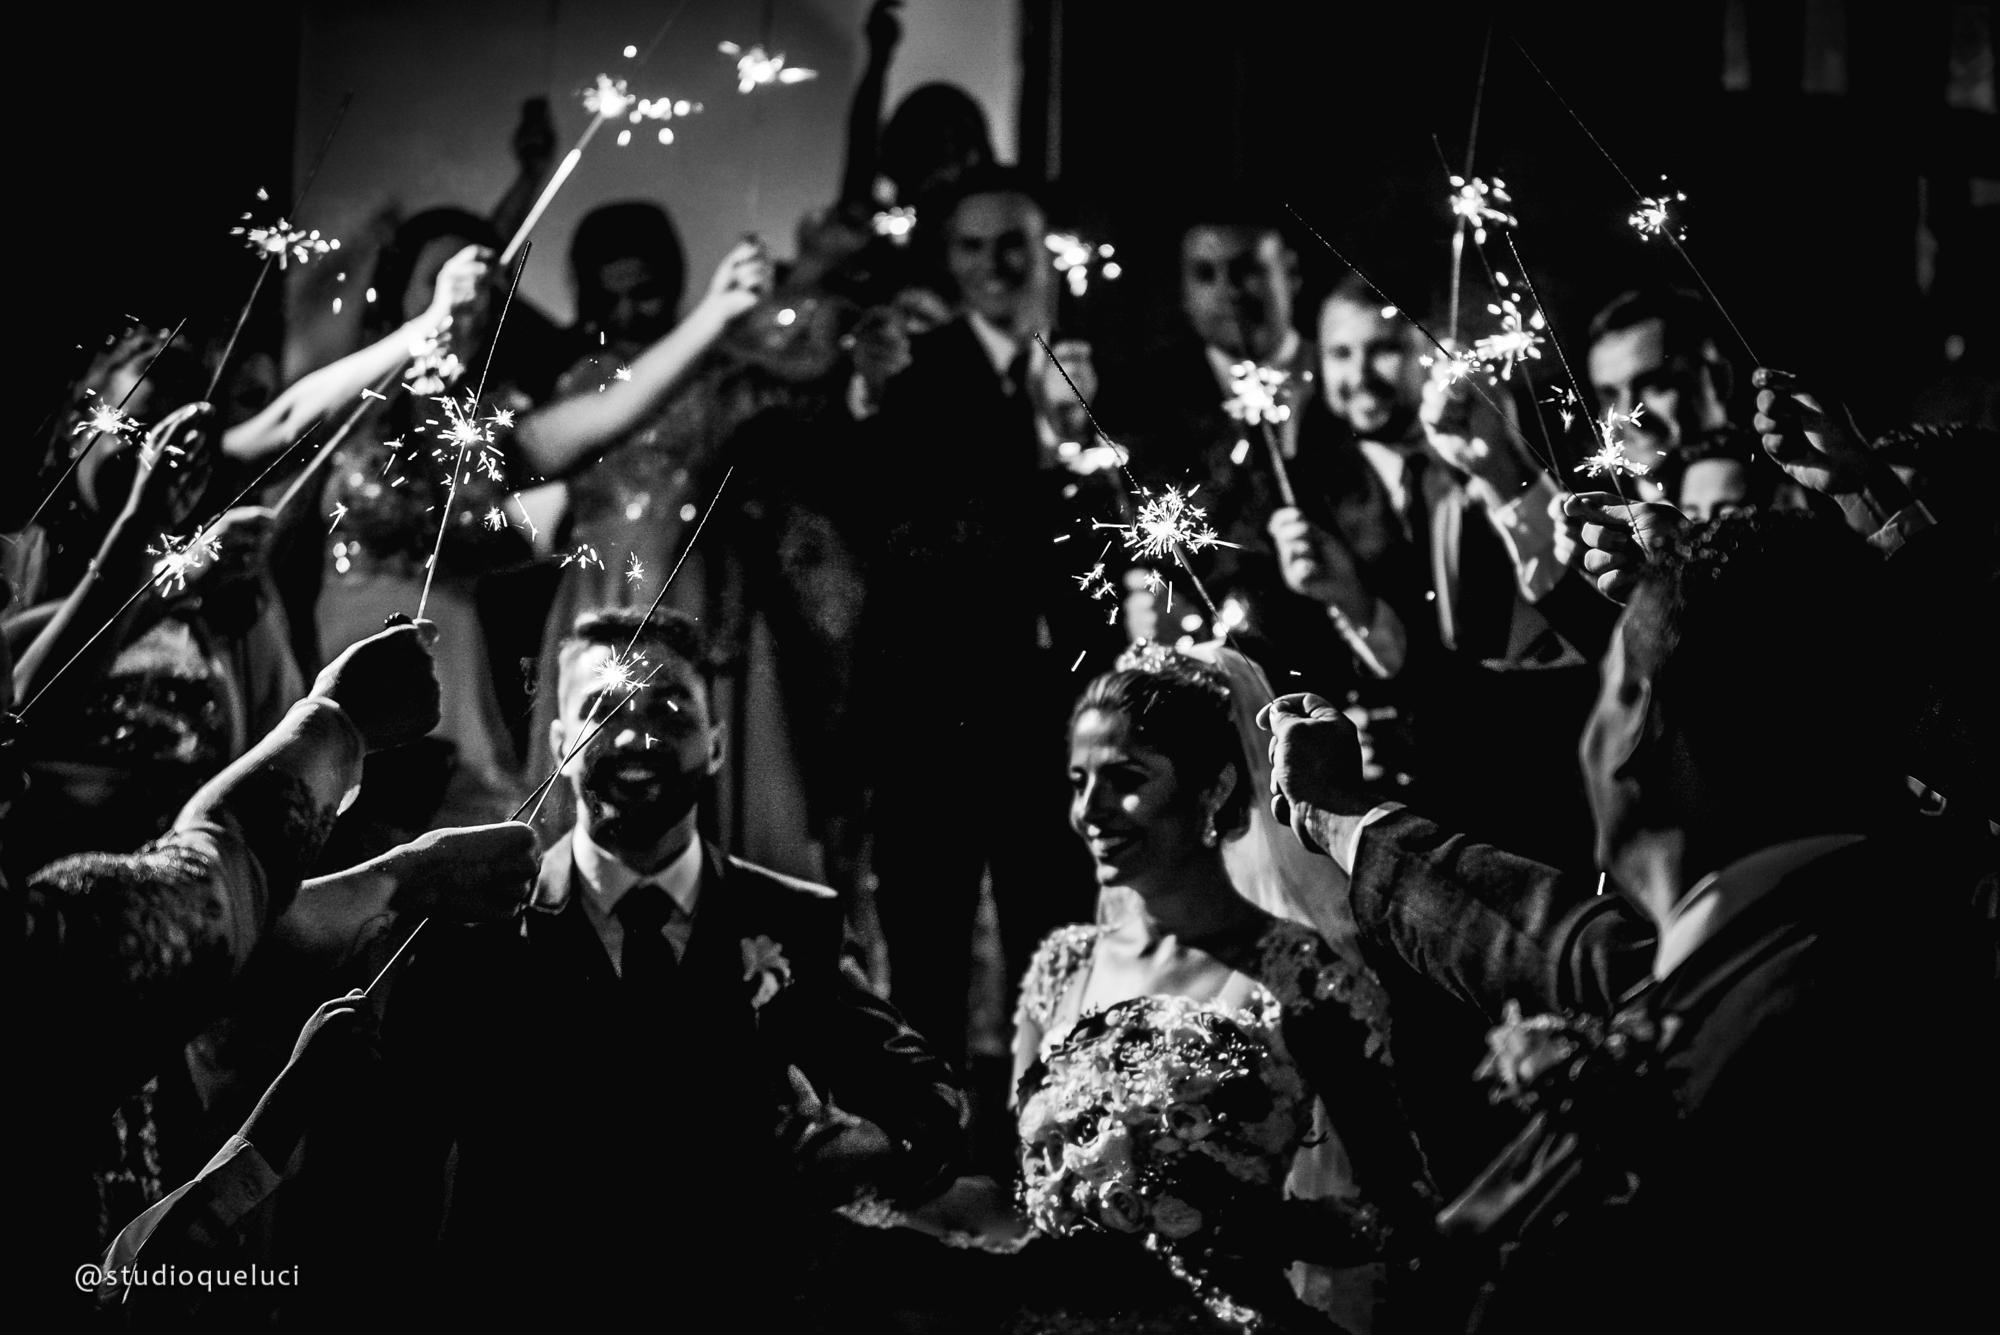 fotografo de casamento rio de janeiro (38)